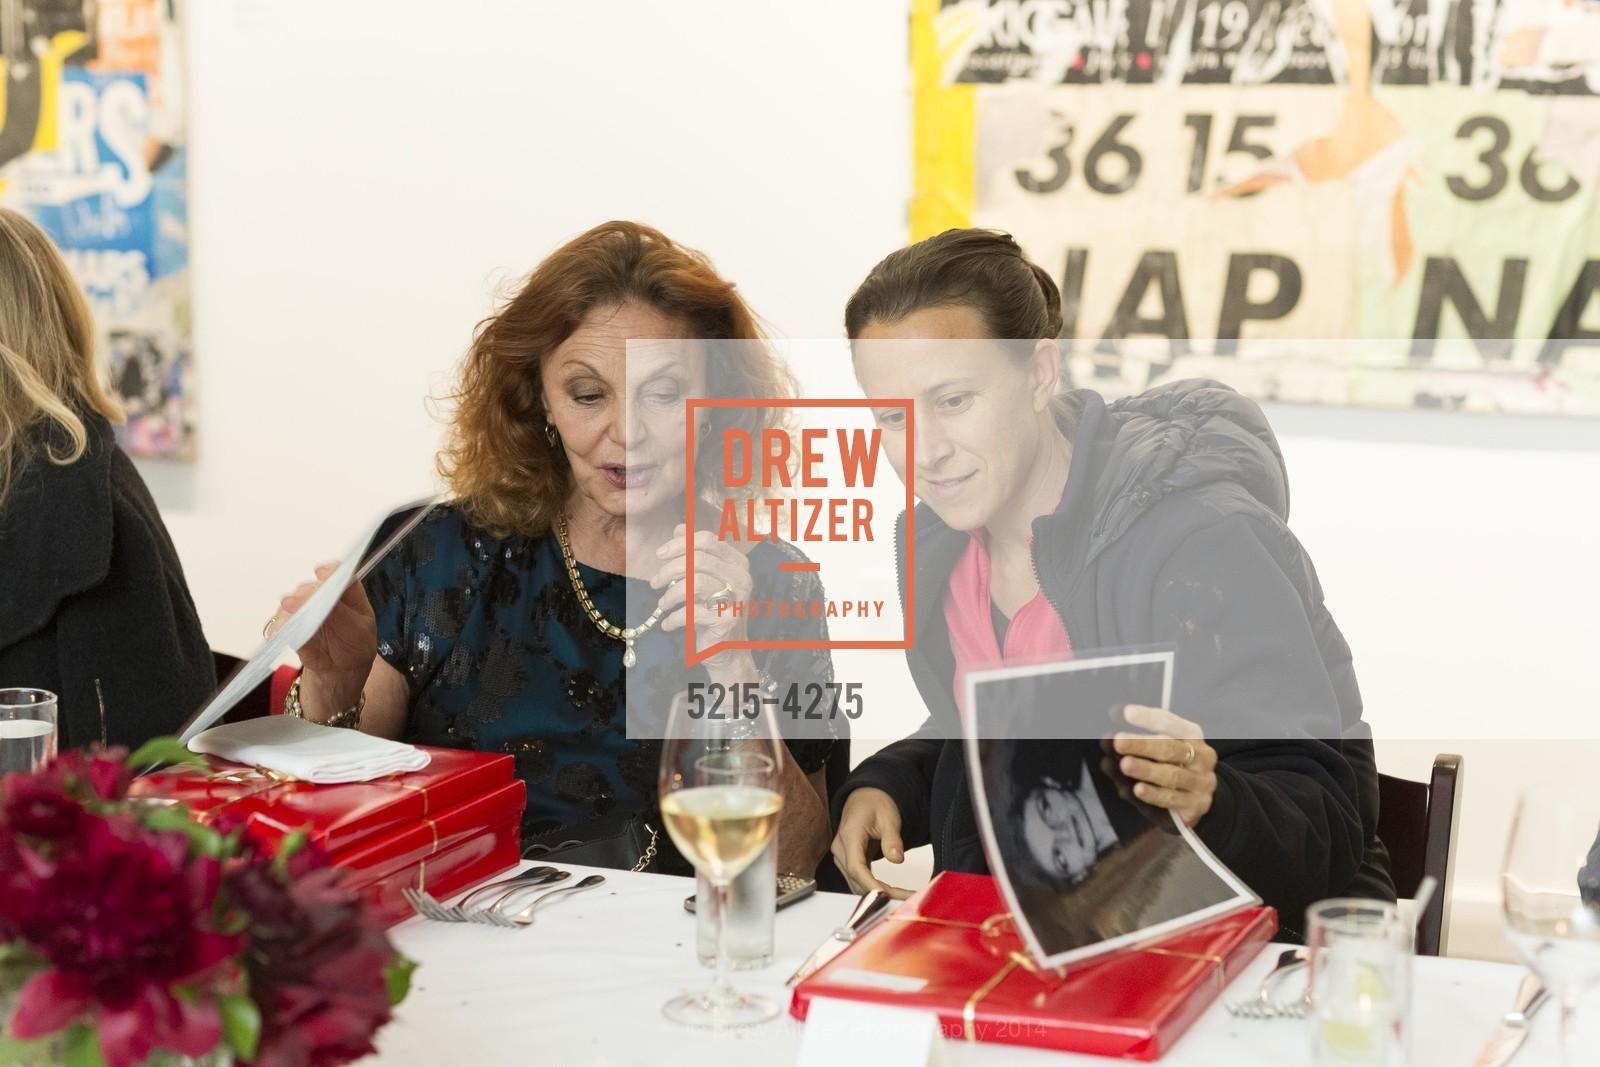 Diane von Furstenberg, Anne Wojcicki, Photo #5215-4275